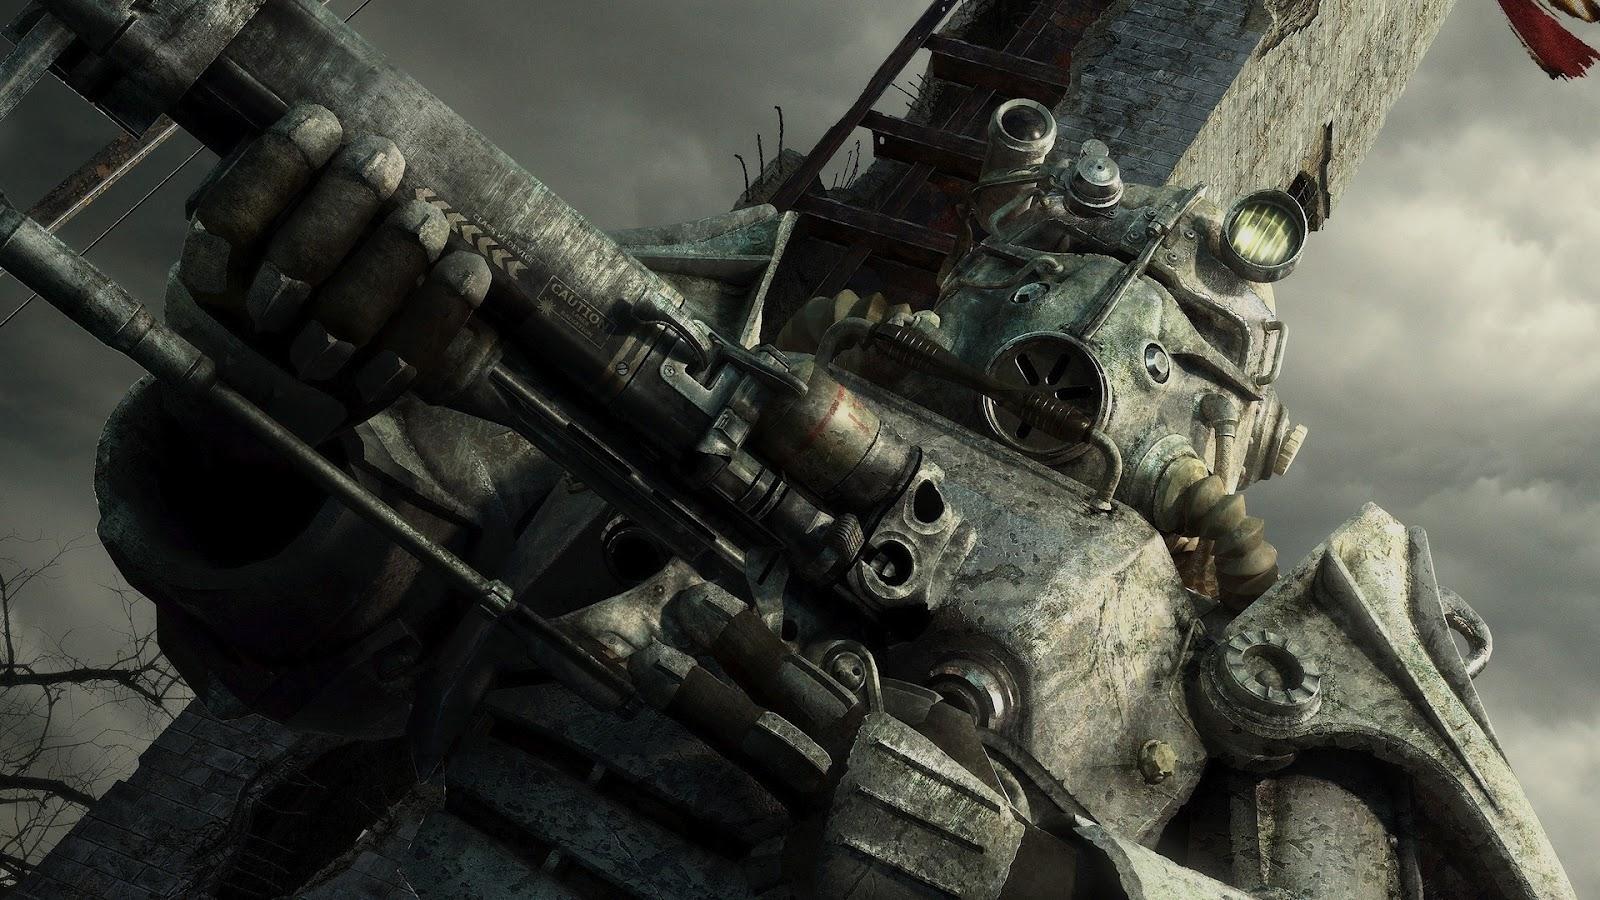 Fallout 3 Brotherhood Of Steel Power Armor 1920x1080 Desktopia Net